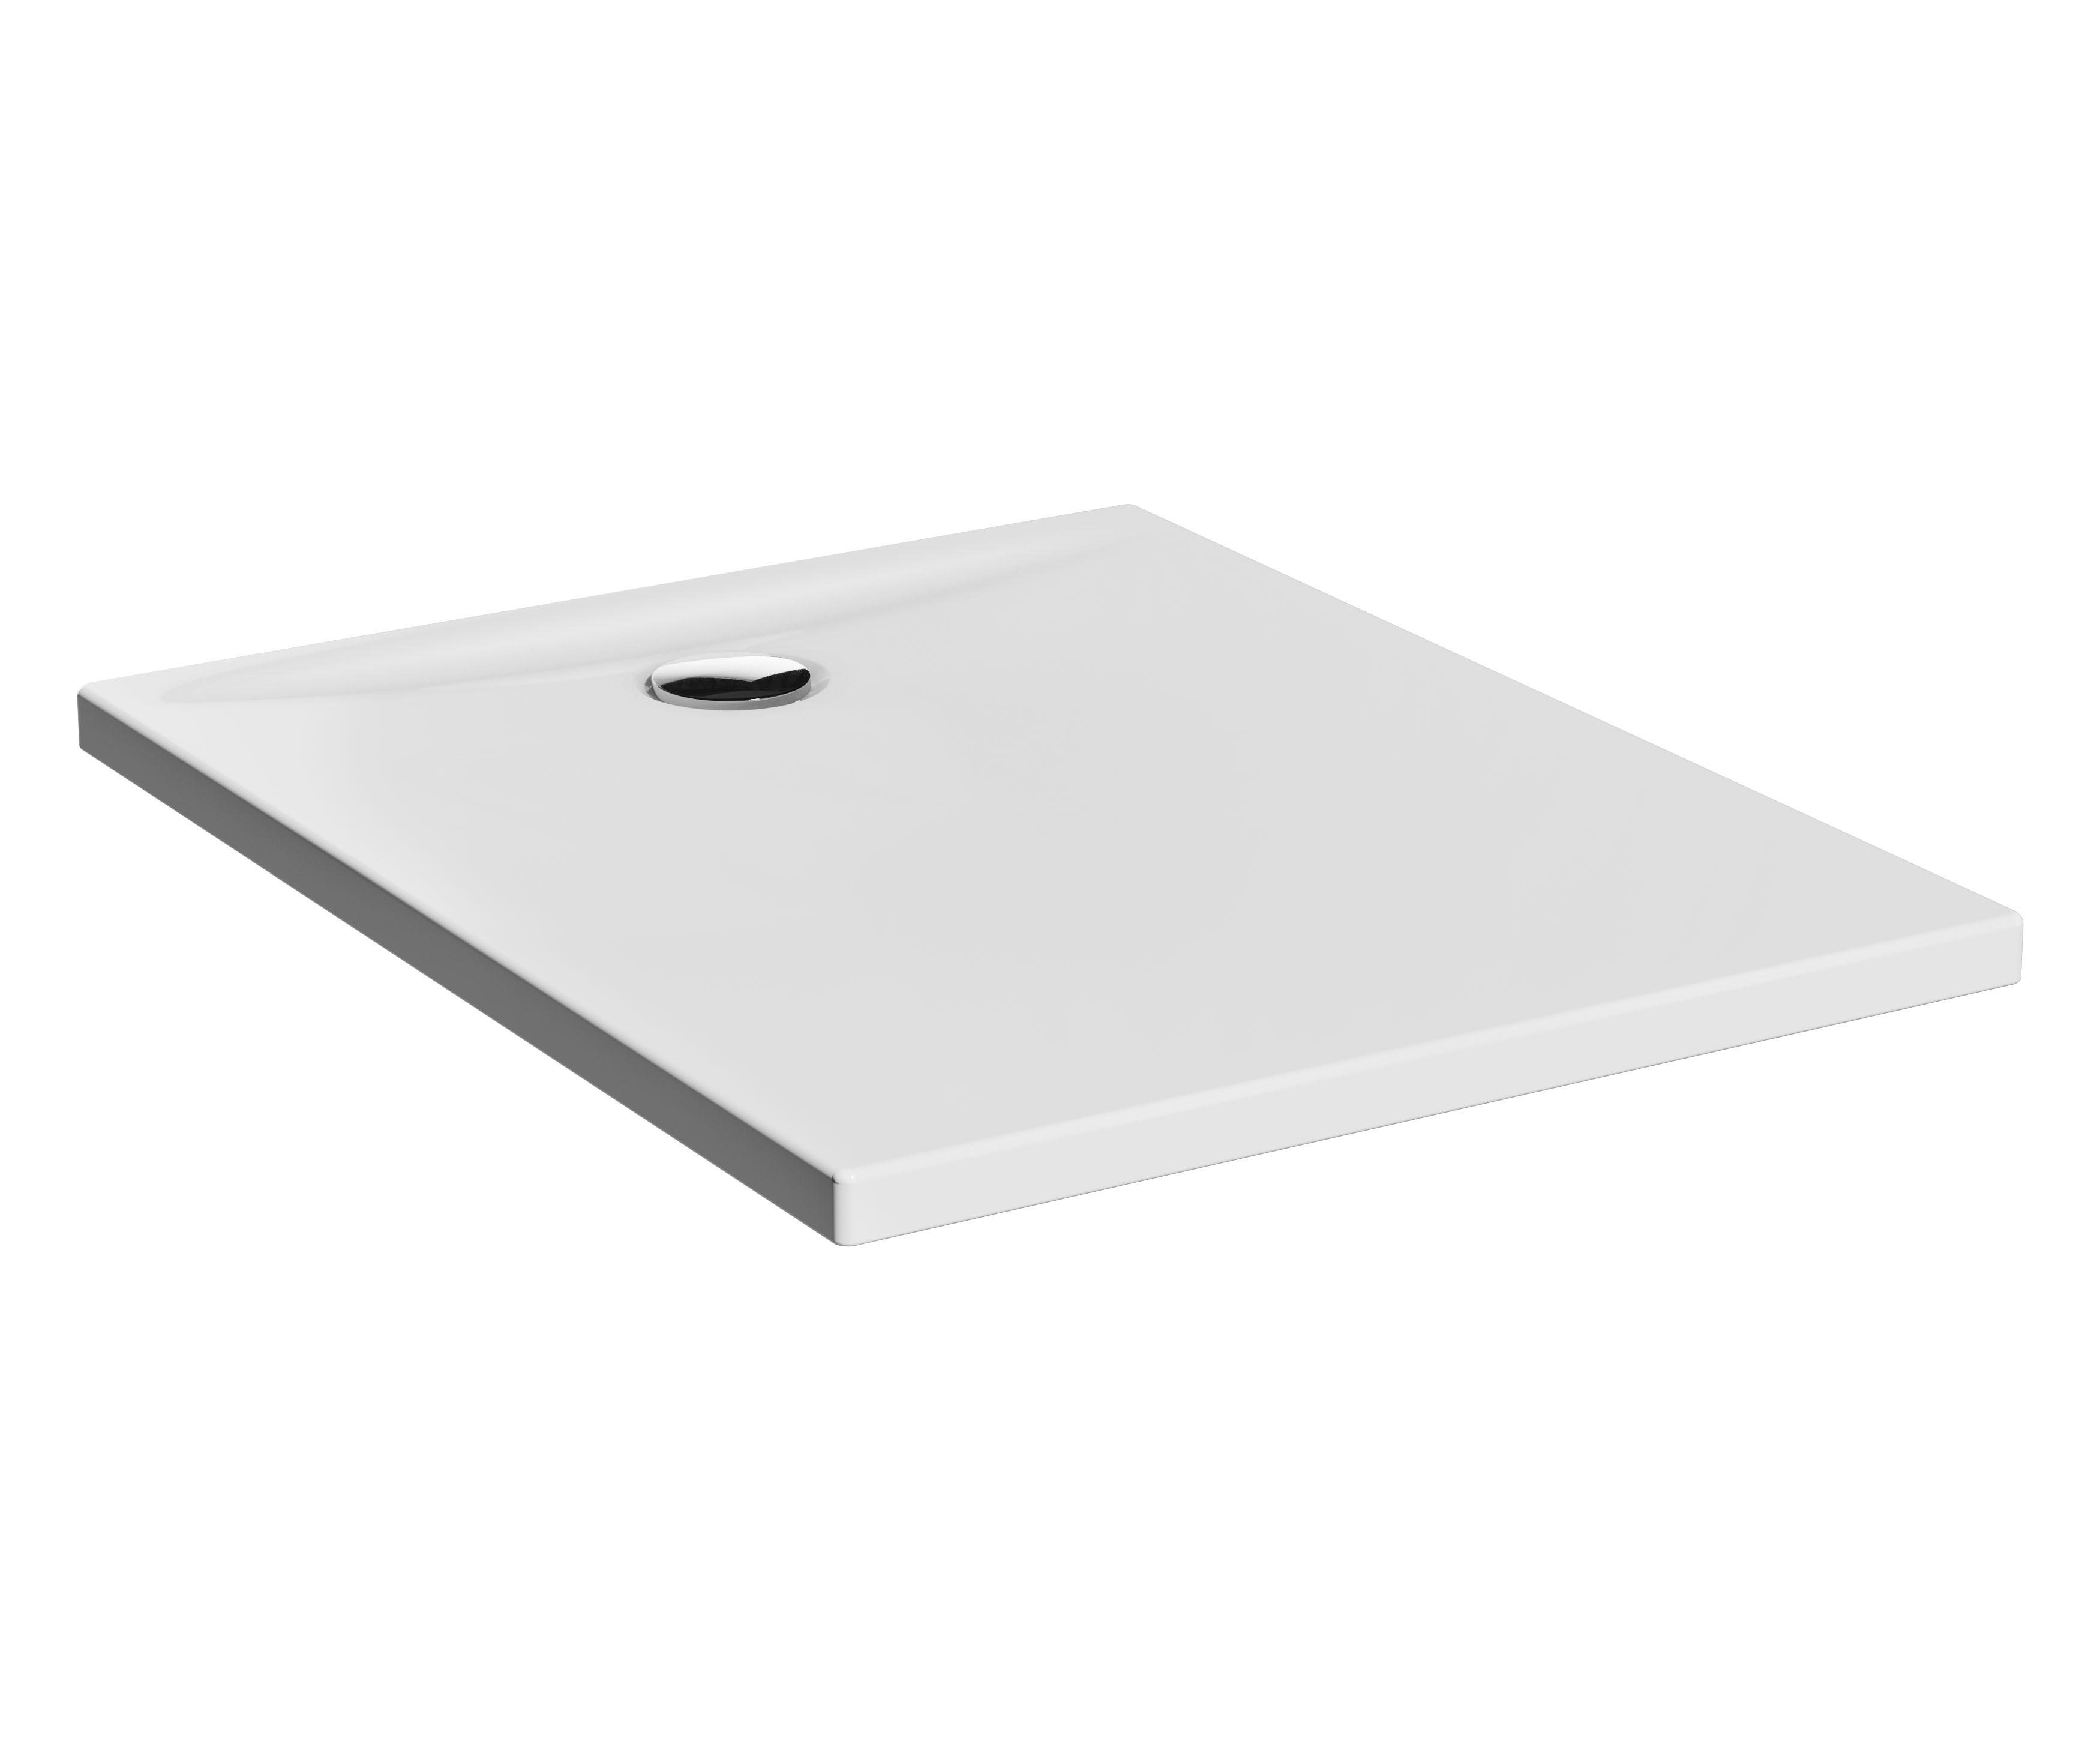 Lagoon receveur ultra plat en céramique, 100  x  80 cm, blanc haute brillance